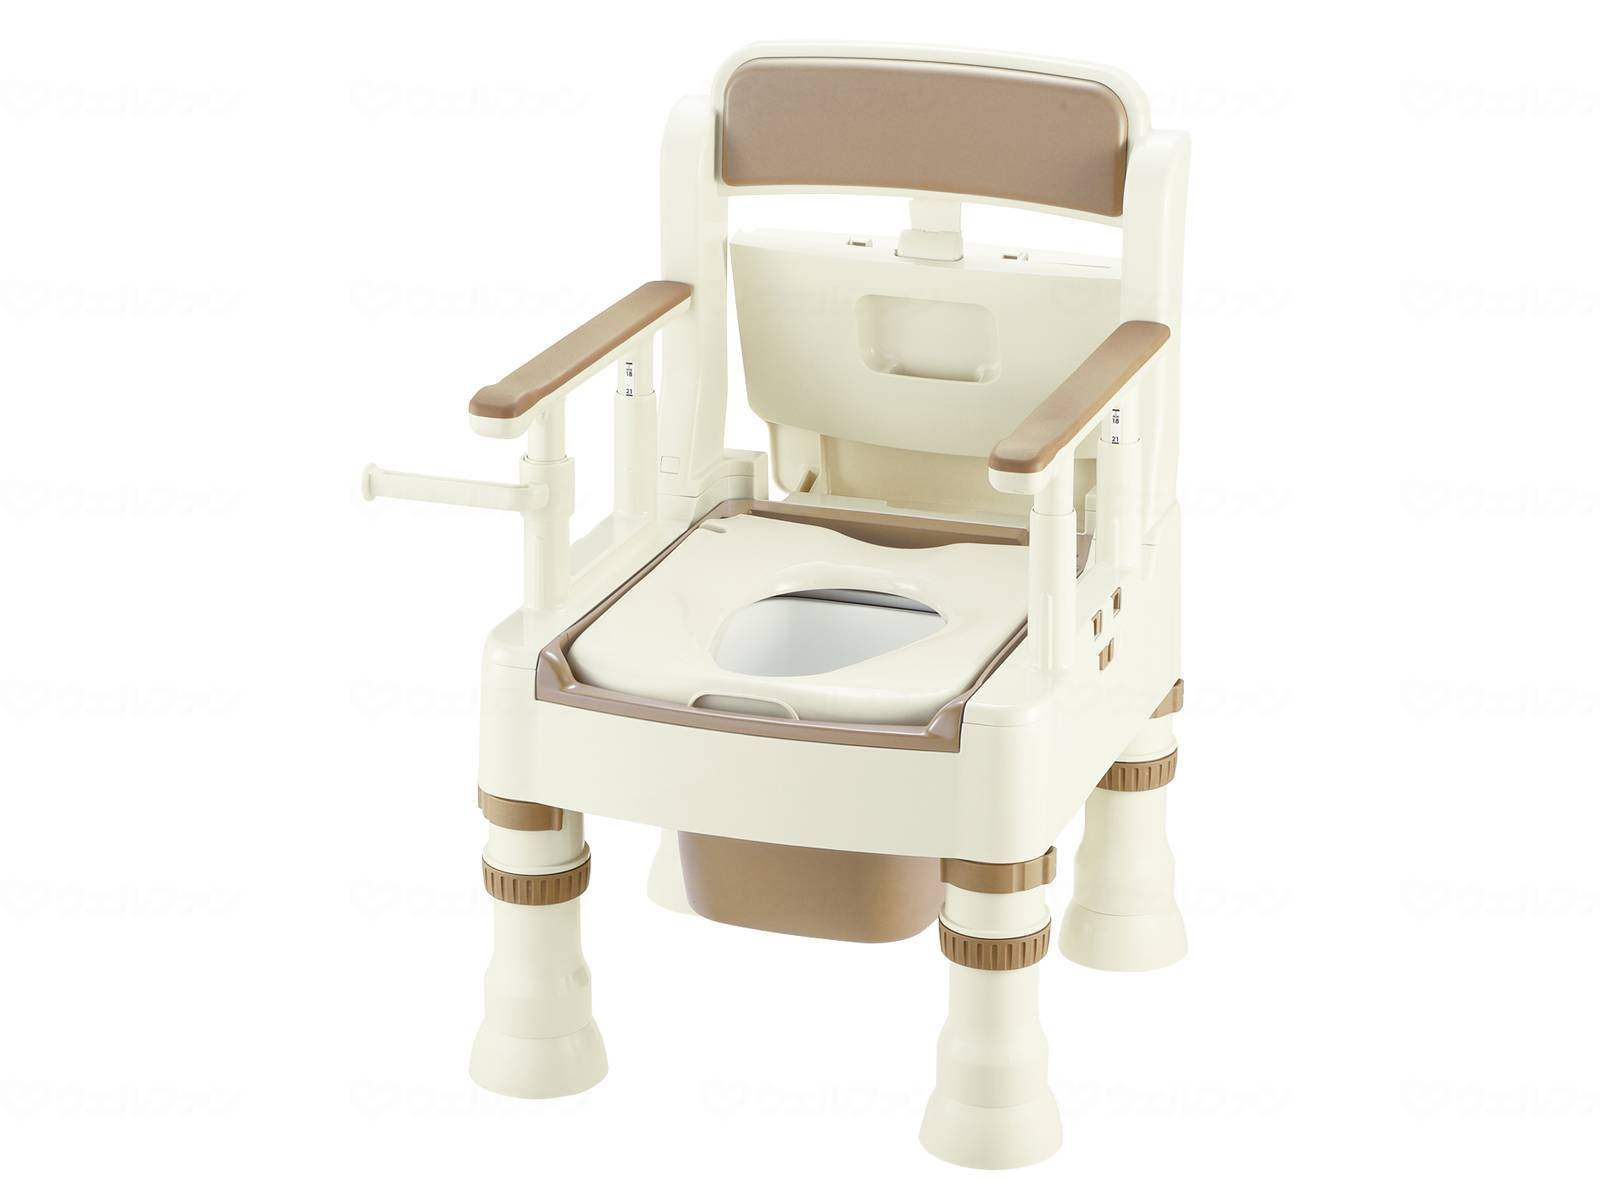 ポータブルトイレきらくMS型(標準便座)の画像